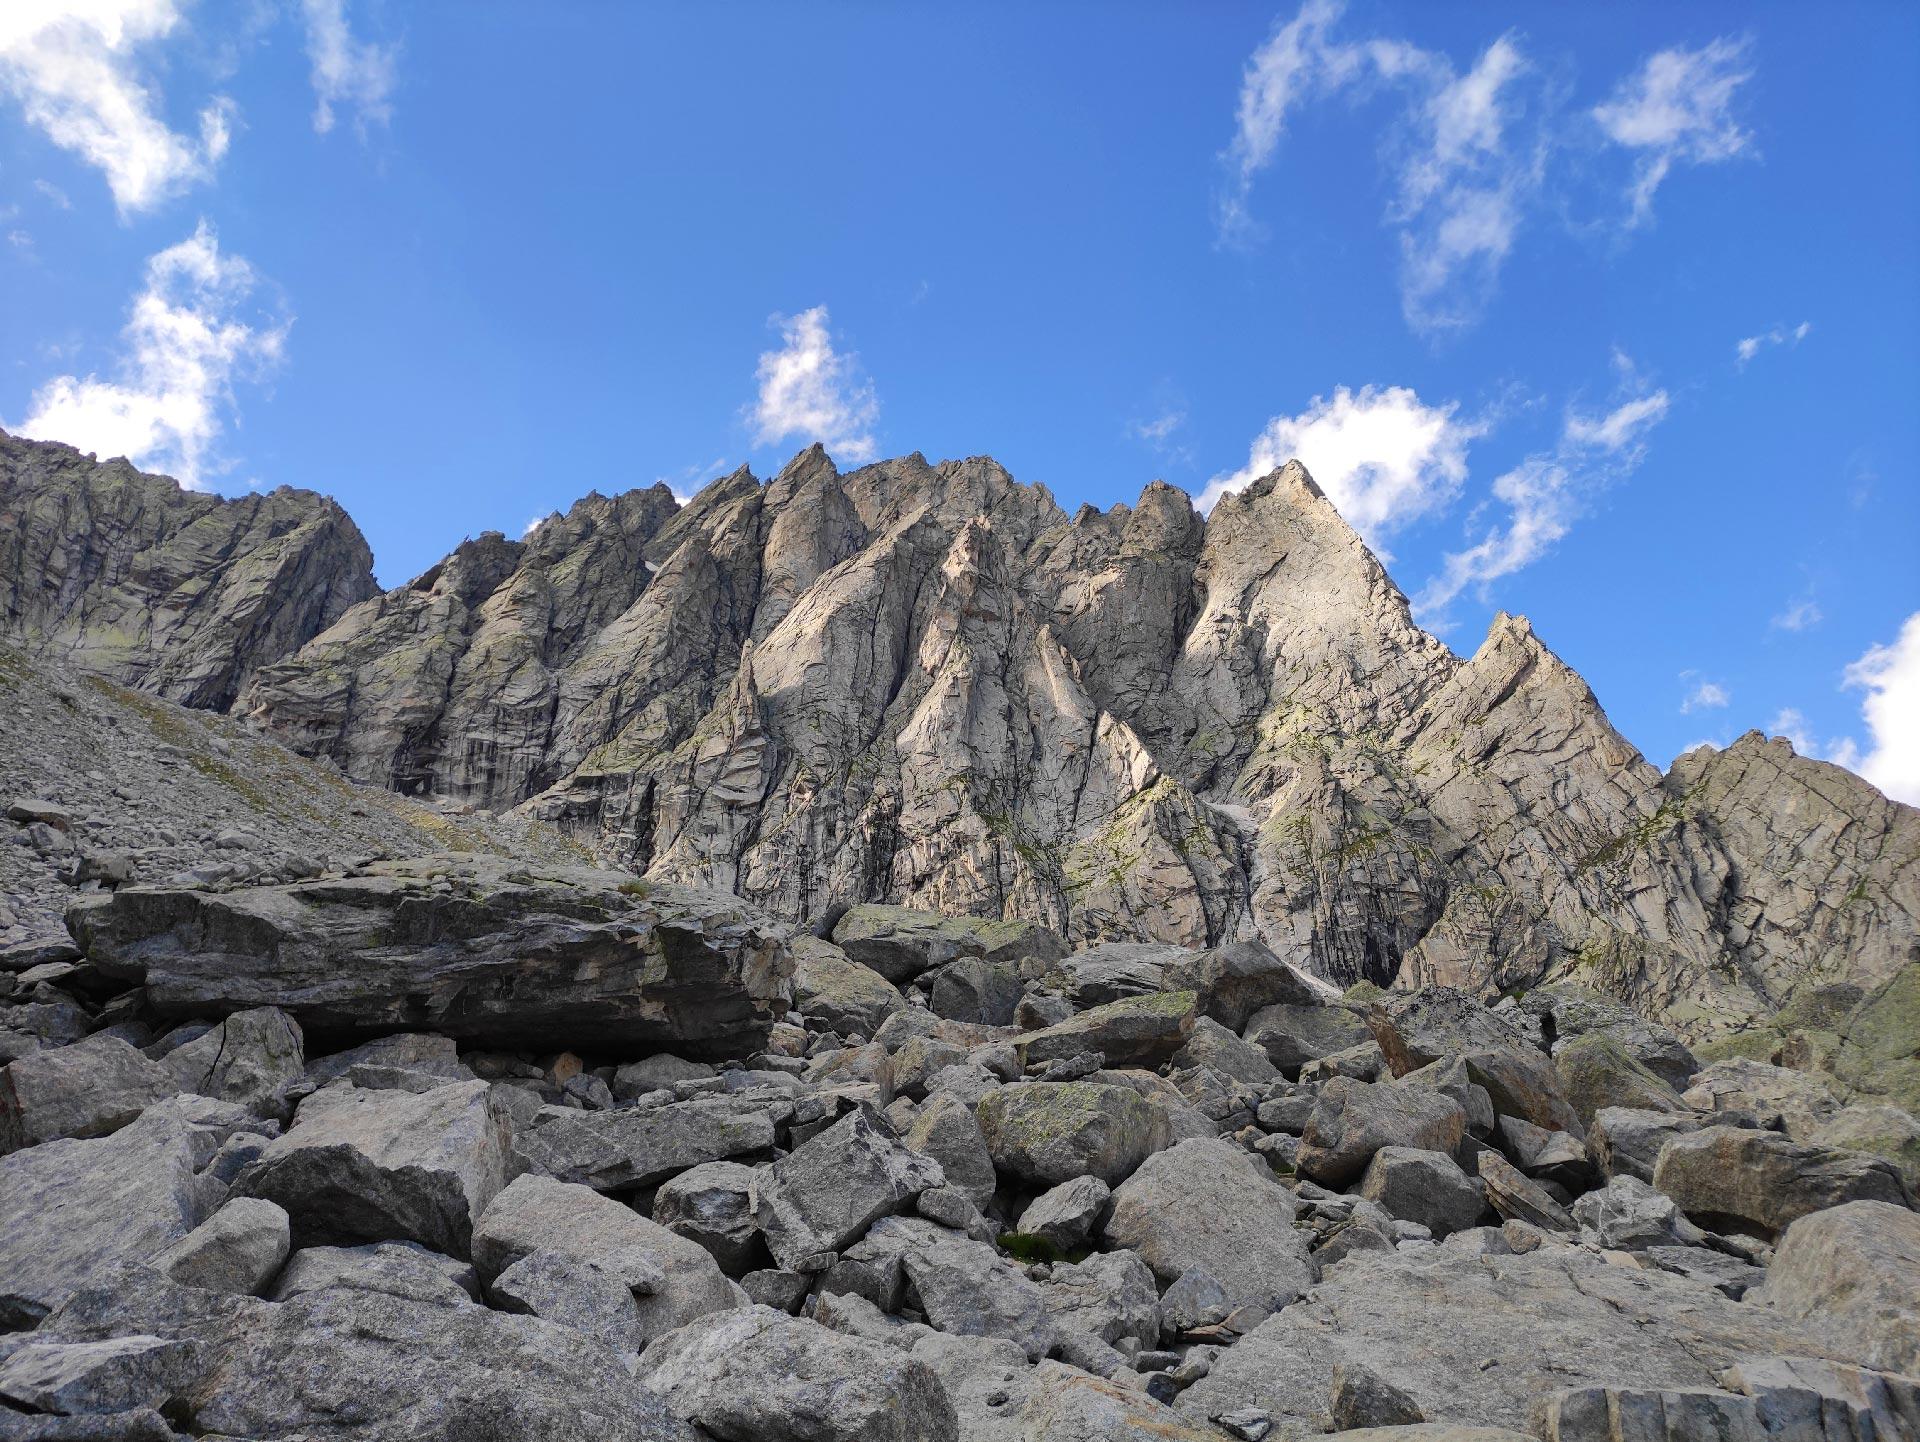 Le montagne della Val Masino nei pressi del Rifugio Allievi